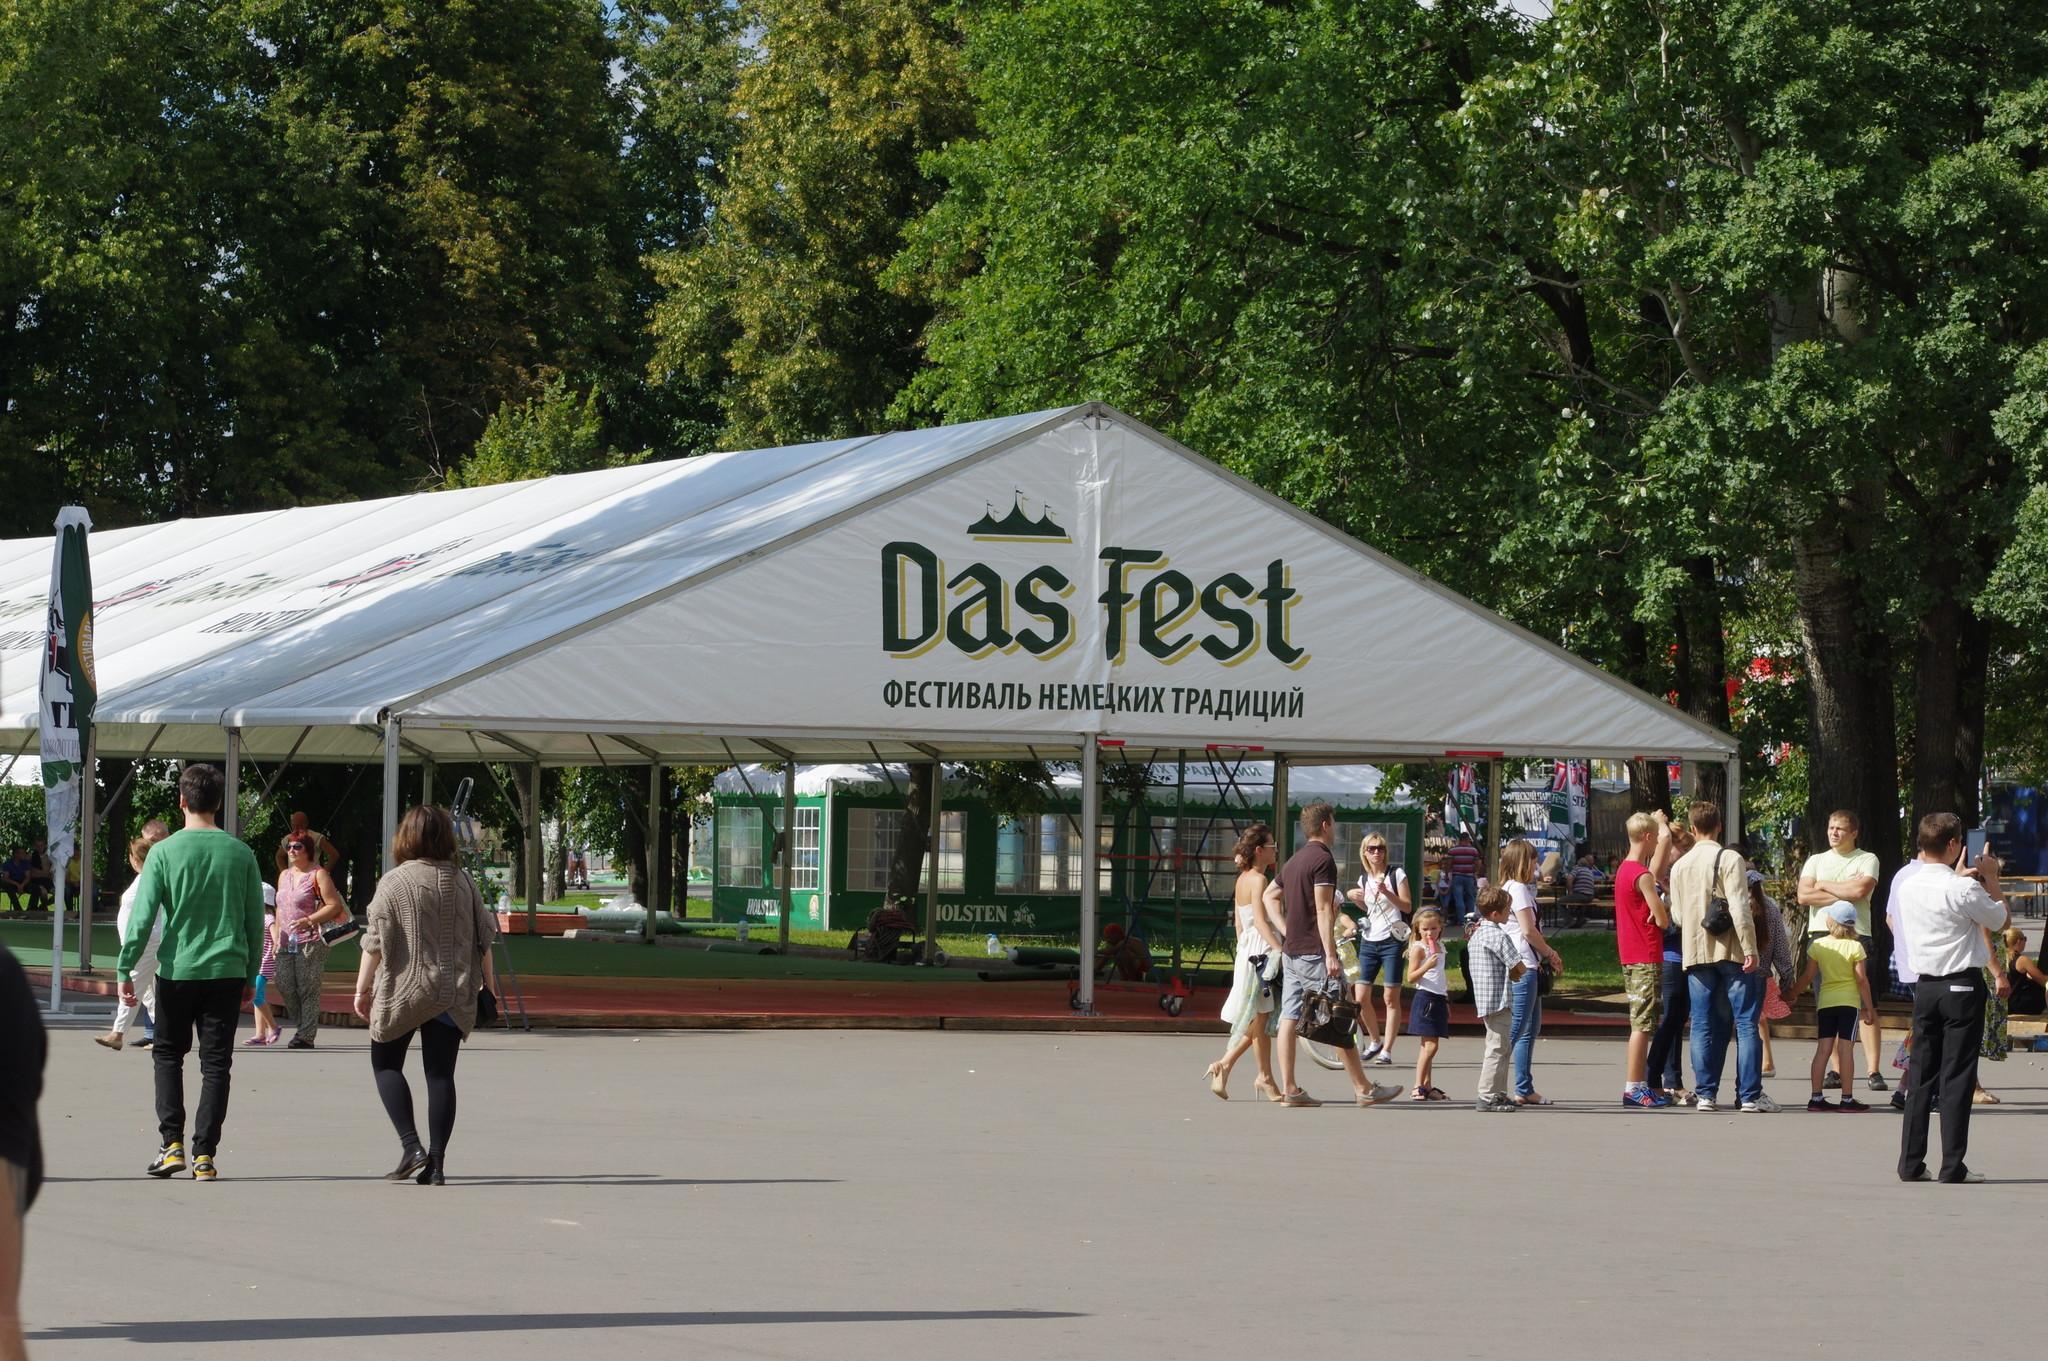 Фестиваль немецких традиций Das Fest на ВДНХ